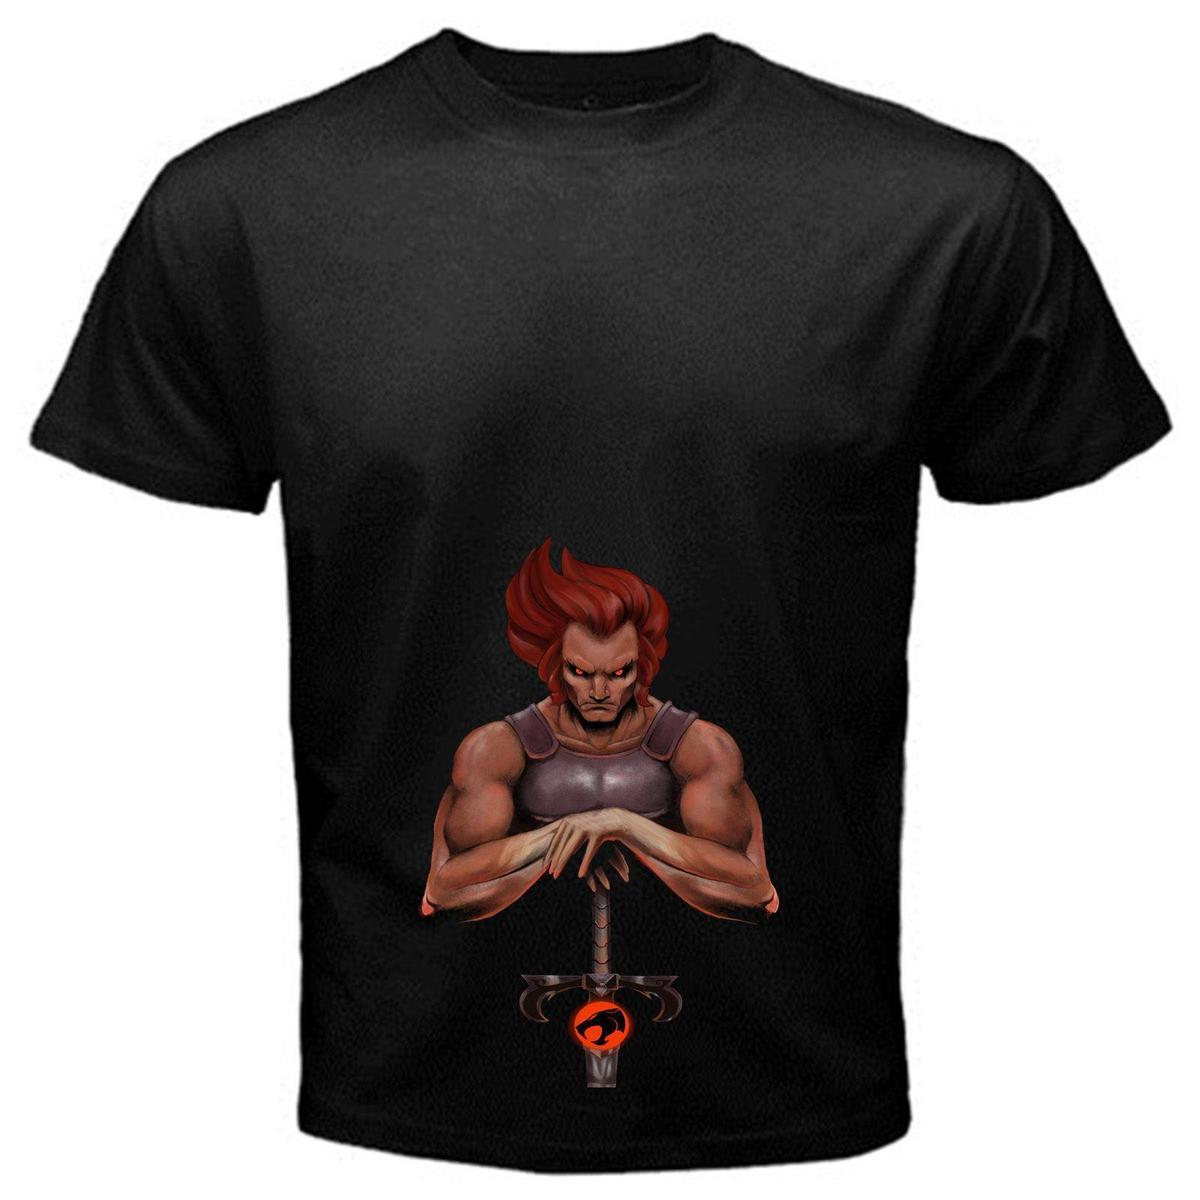 7017b76a74d71 Compre Lion O 2 Thundercats Cartoon Series De Televisión Clásicas Camiseta  Camiseta Básica Negra Panthro A  12.08 Del Amesion65